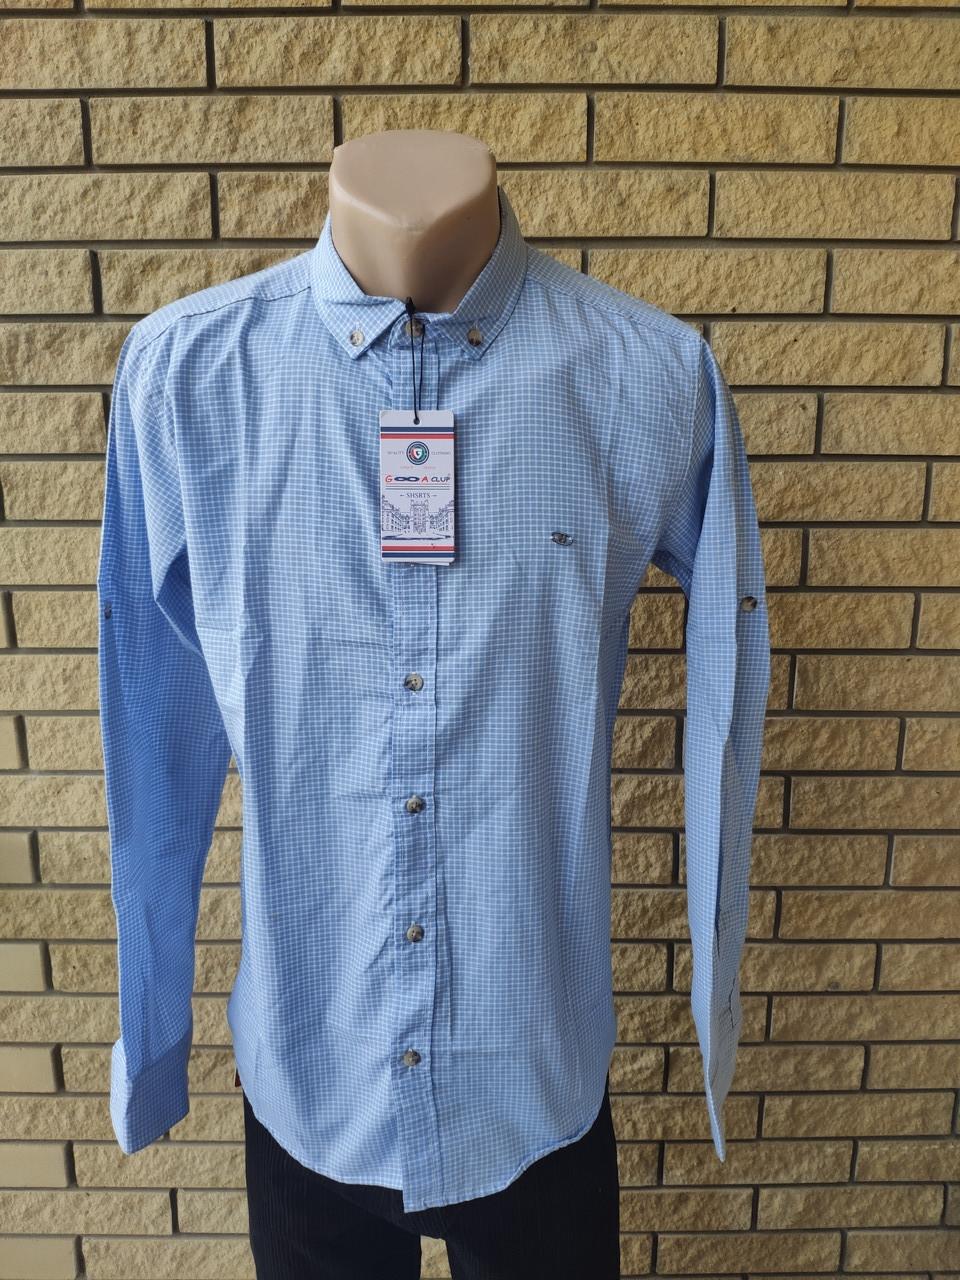 Рубашка мужская коттоновая  брендовая высокого качества  GOOA CLUB, Турция